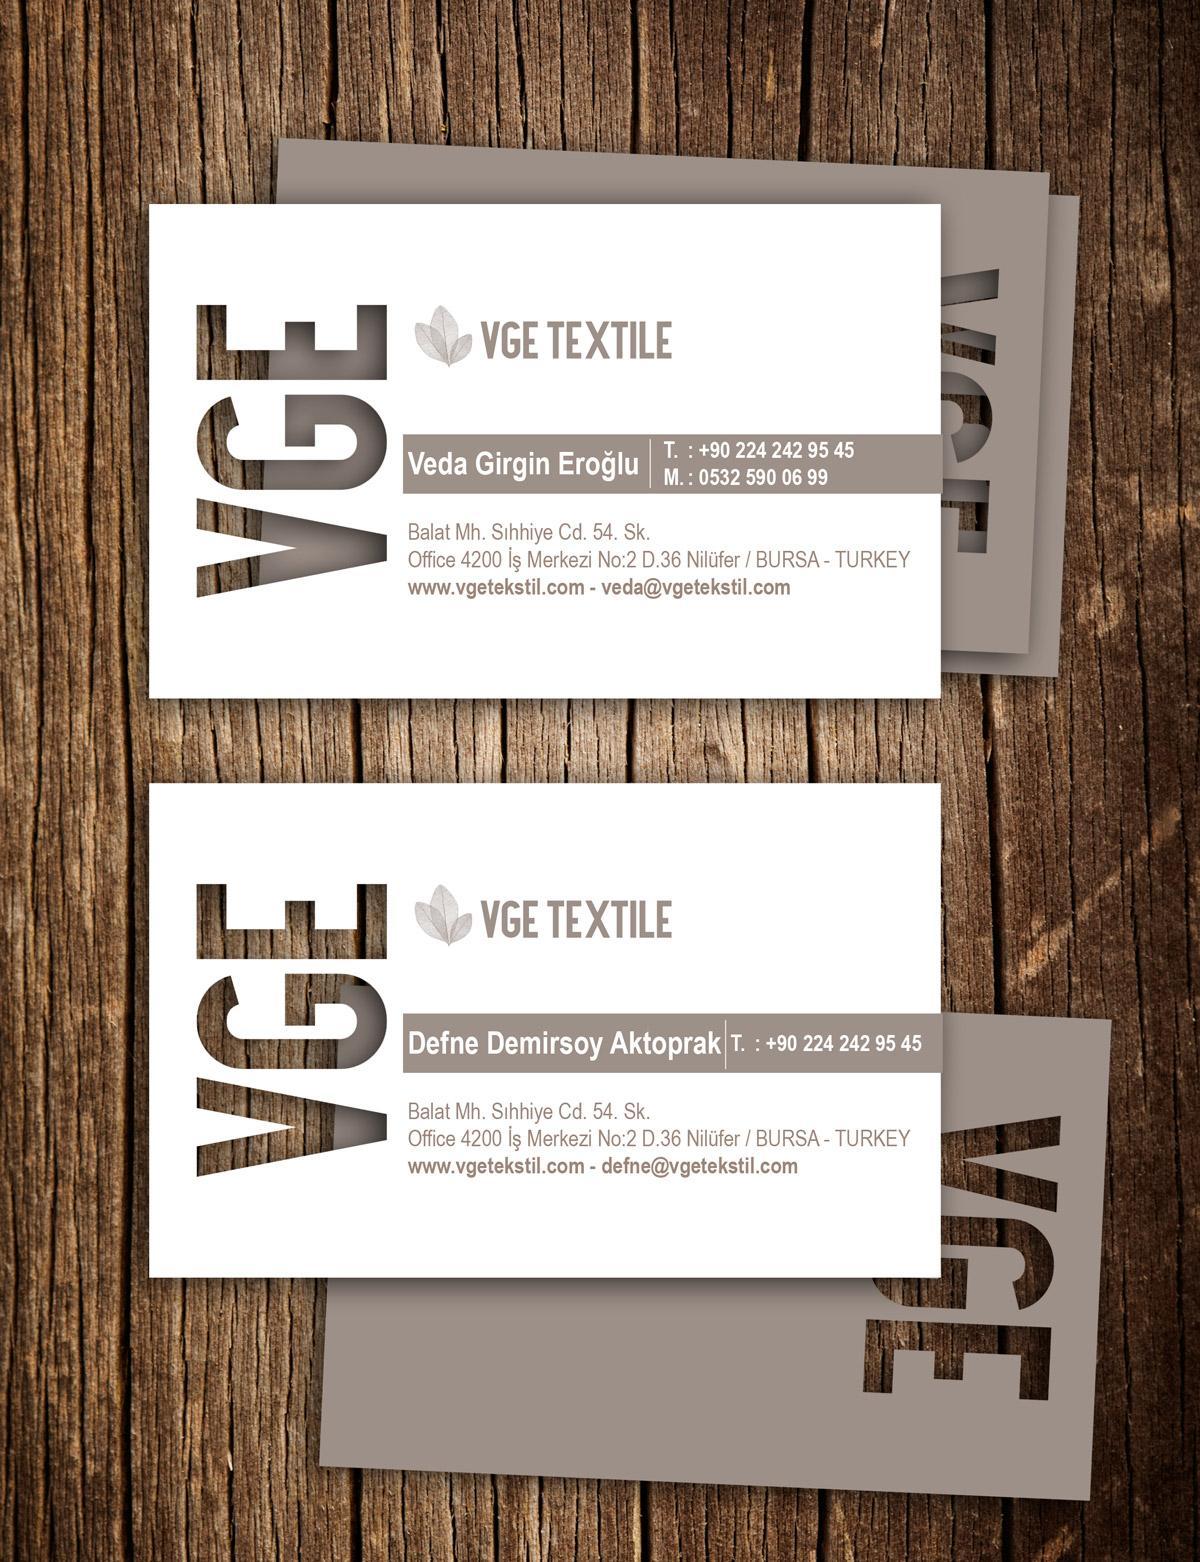 VGE Tekstil